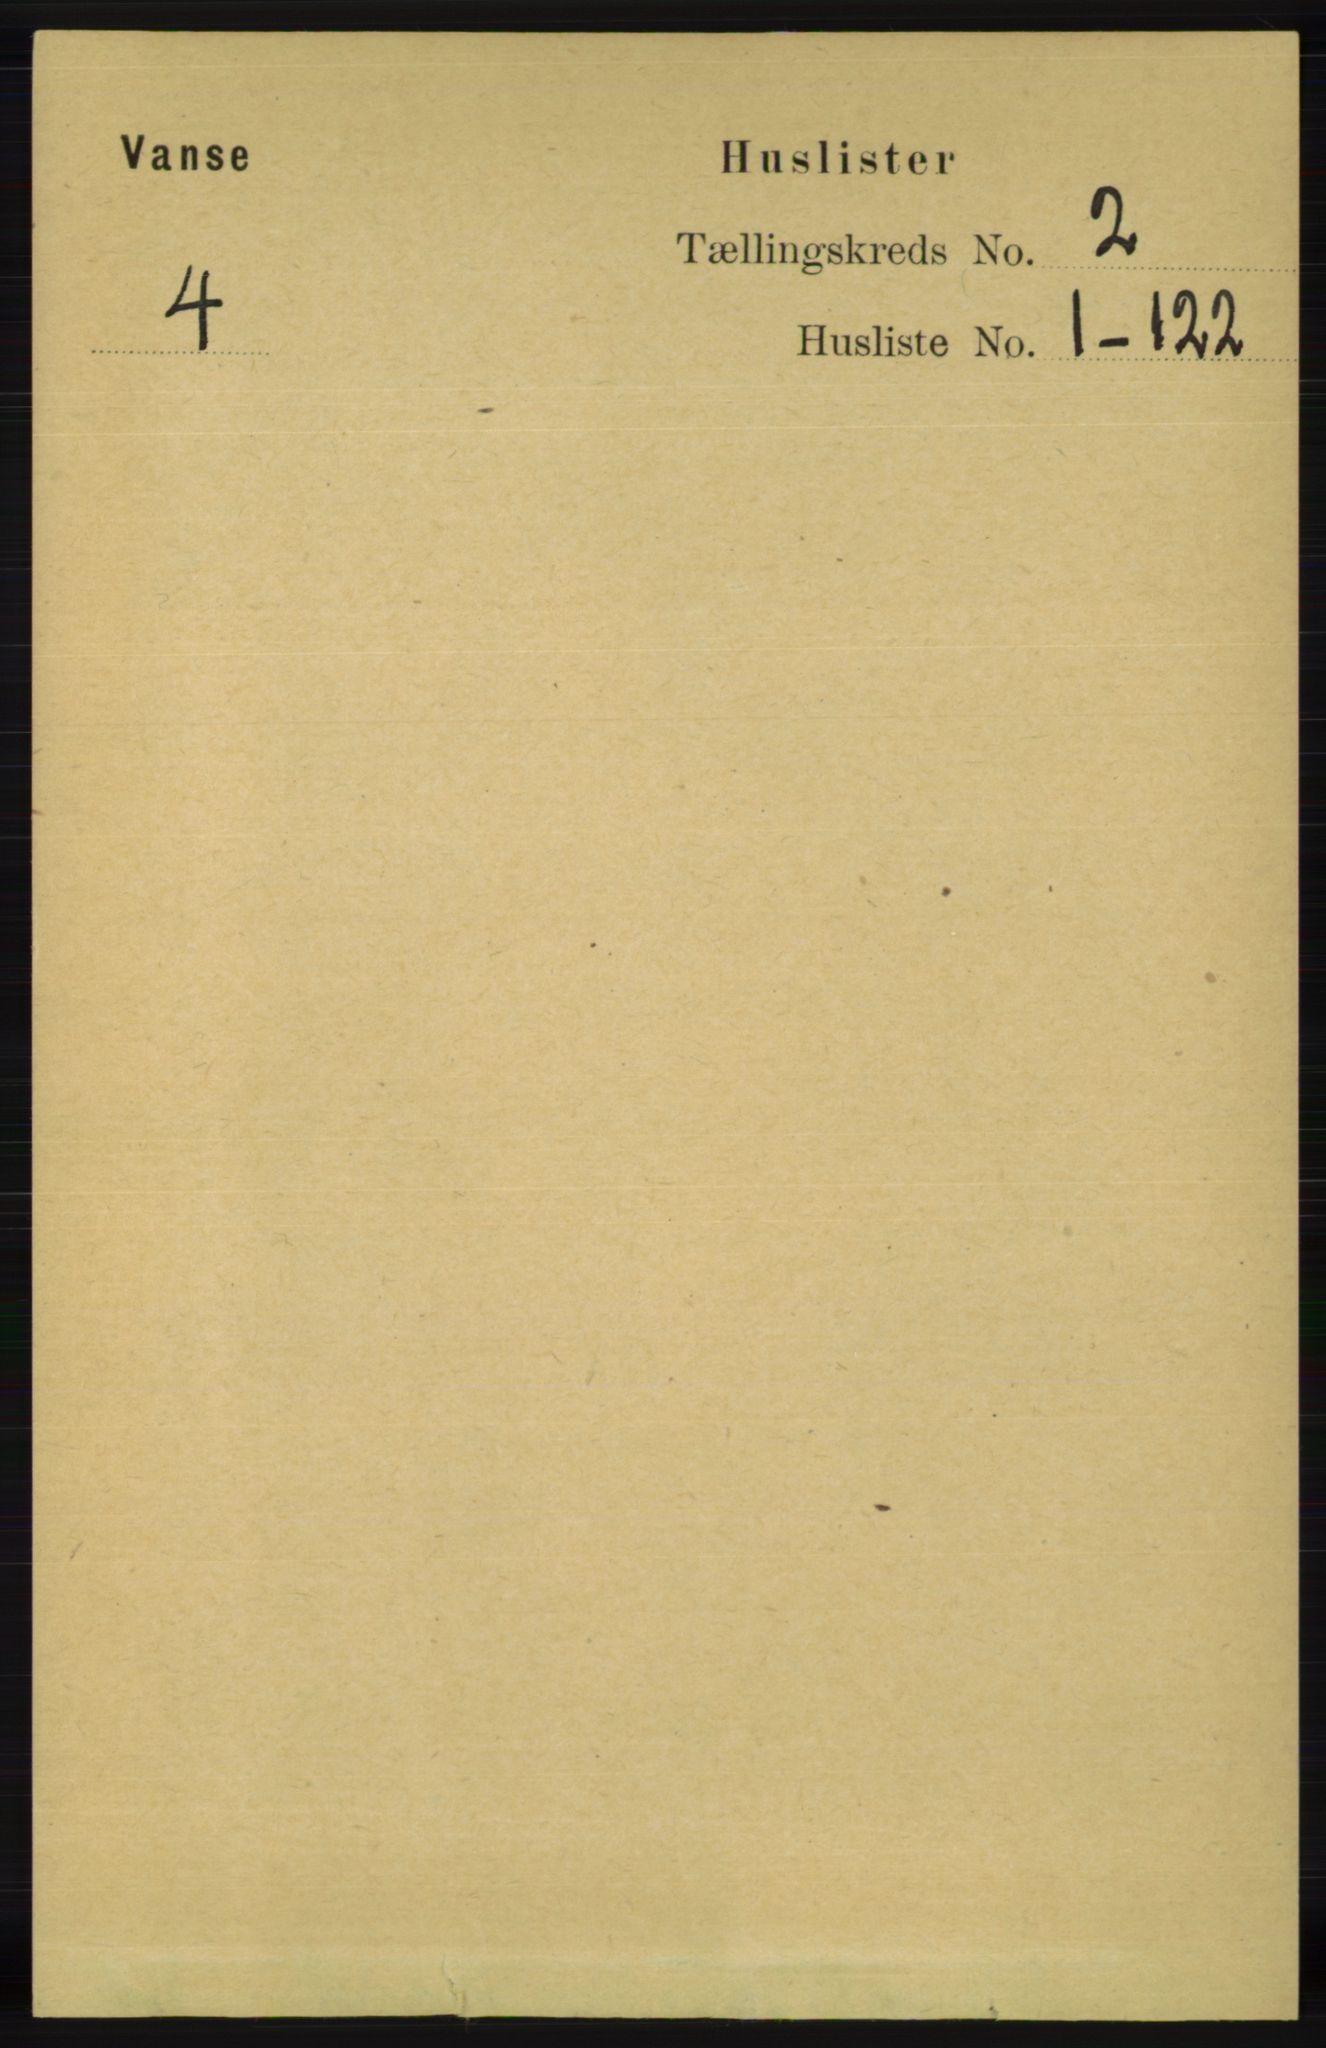 RA, Folketelling 1891 for 1041 Vanse herred, 1891, s. 464